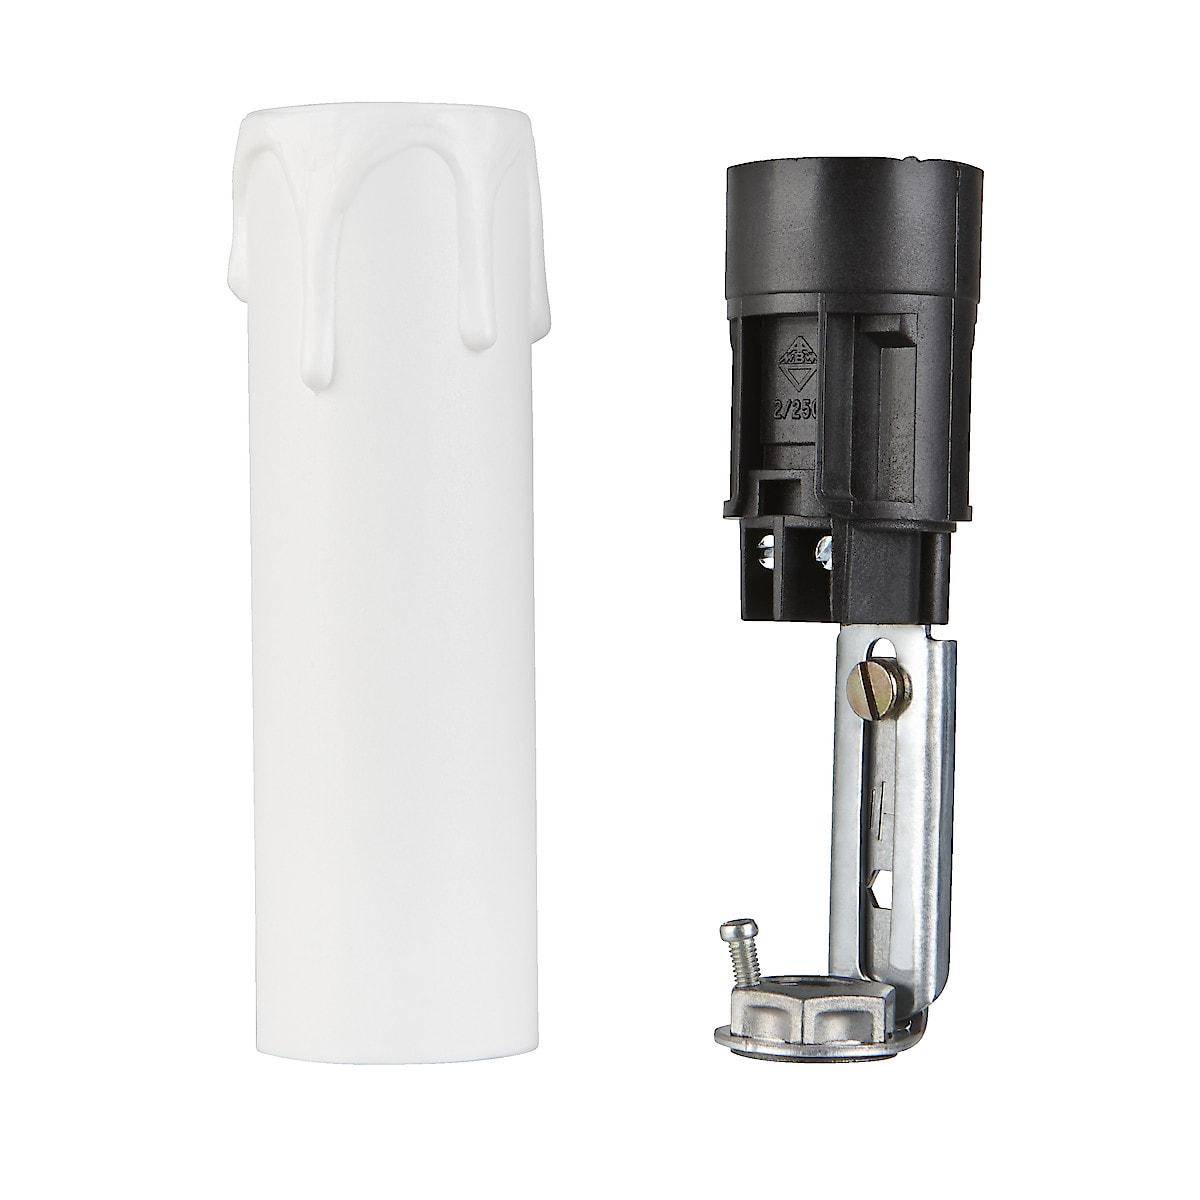 Lamphållare med ljusimitationshylsa